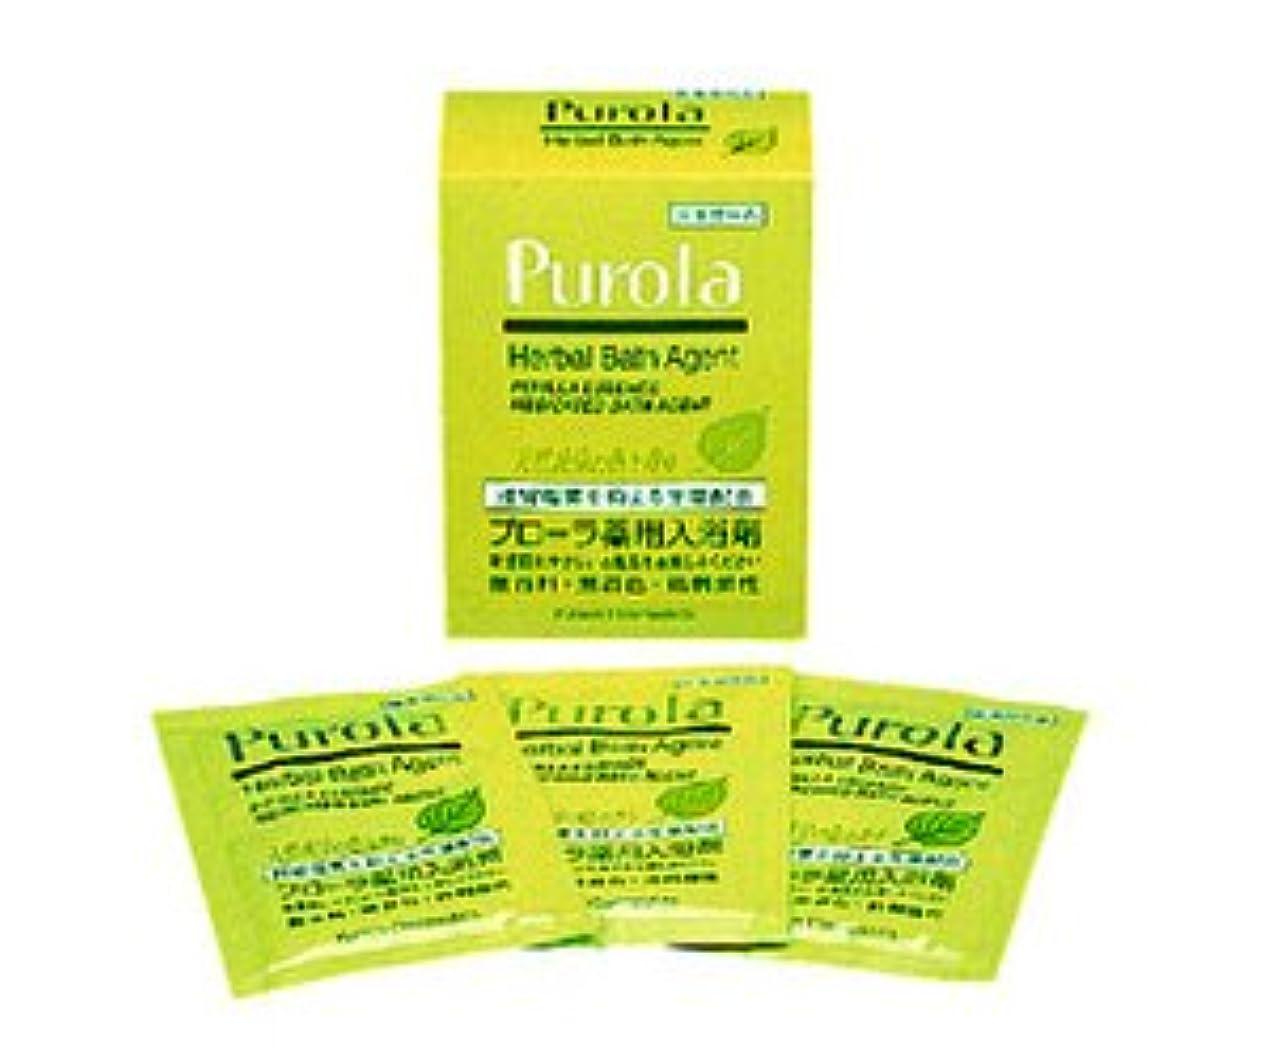 エキサイティング不十分すり減るプローラ薬用入浴剤 25g×10包 低刺激性入浴剤